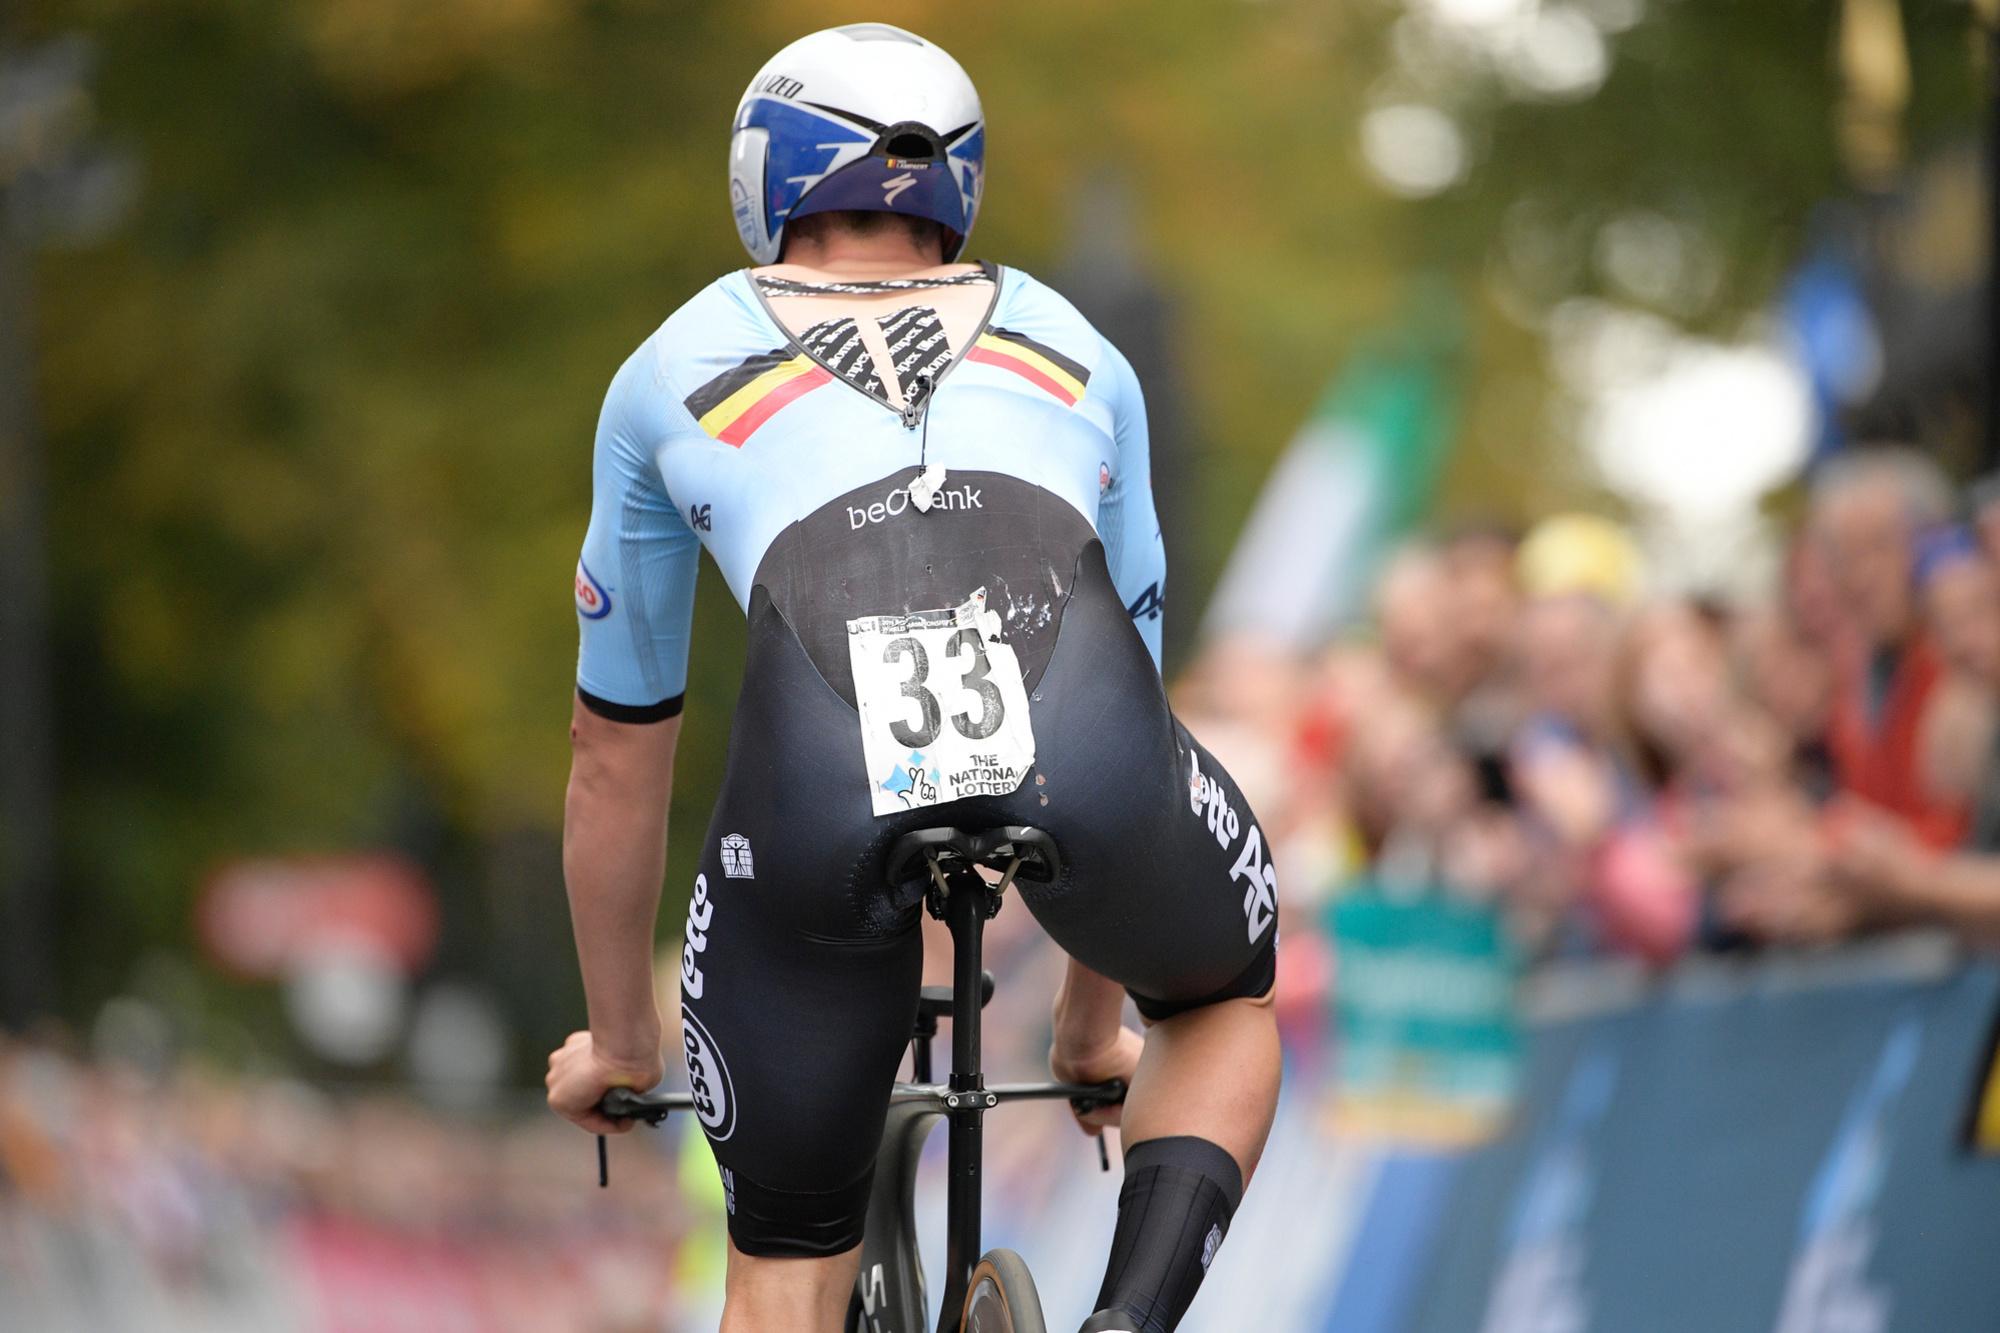 Lampaert viel tijdens de race en eindigde pas op 10 minuten van Dennis., Belga Image